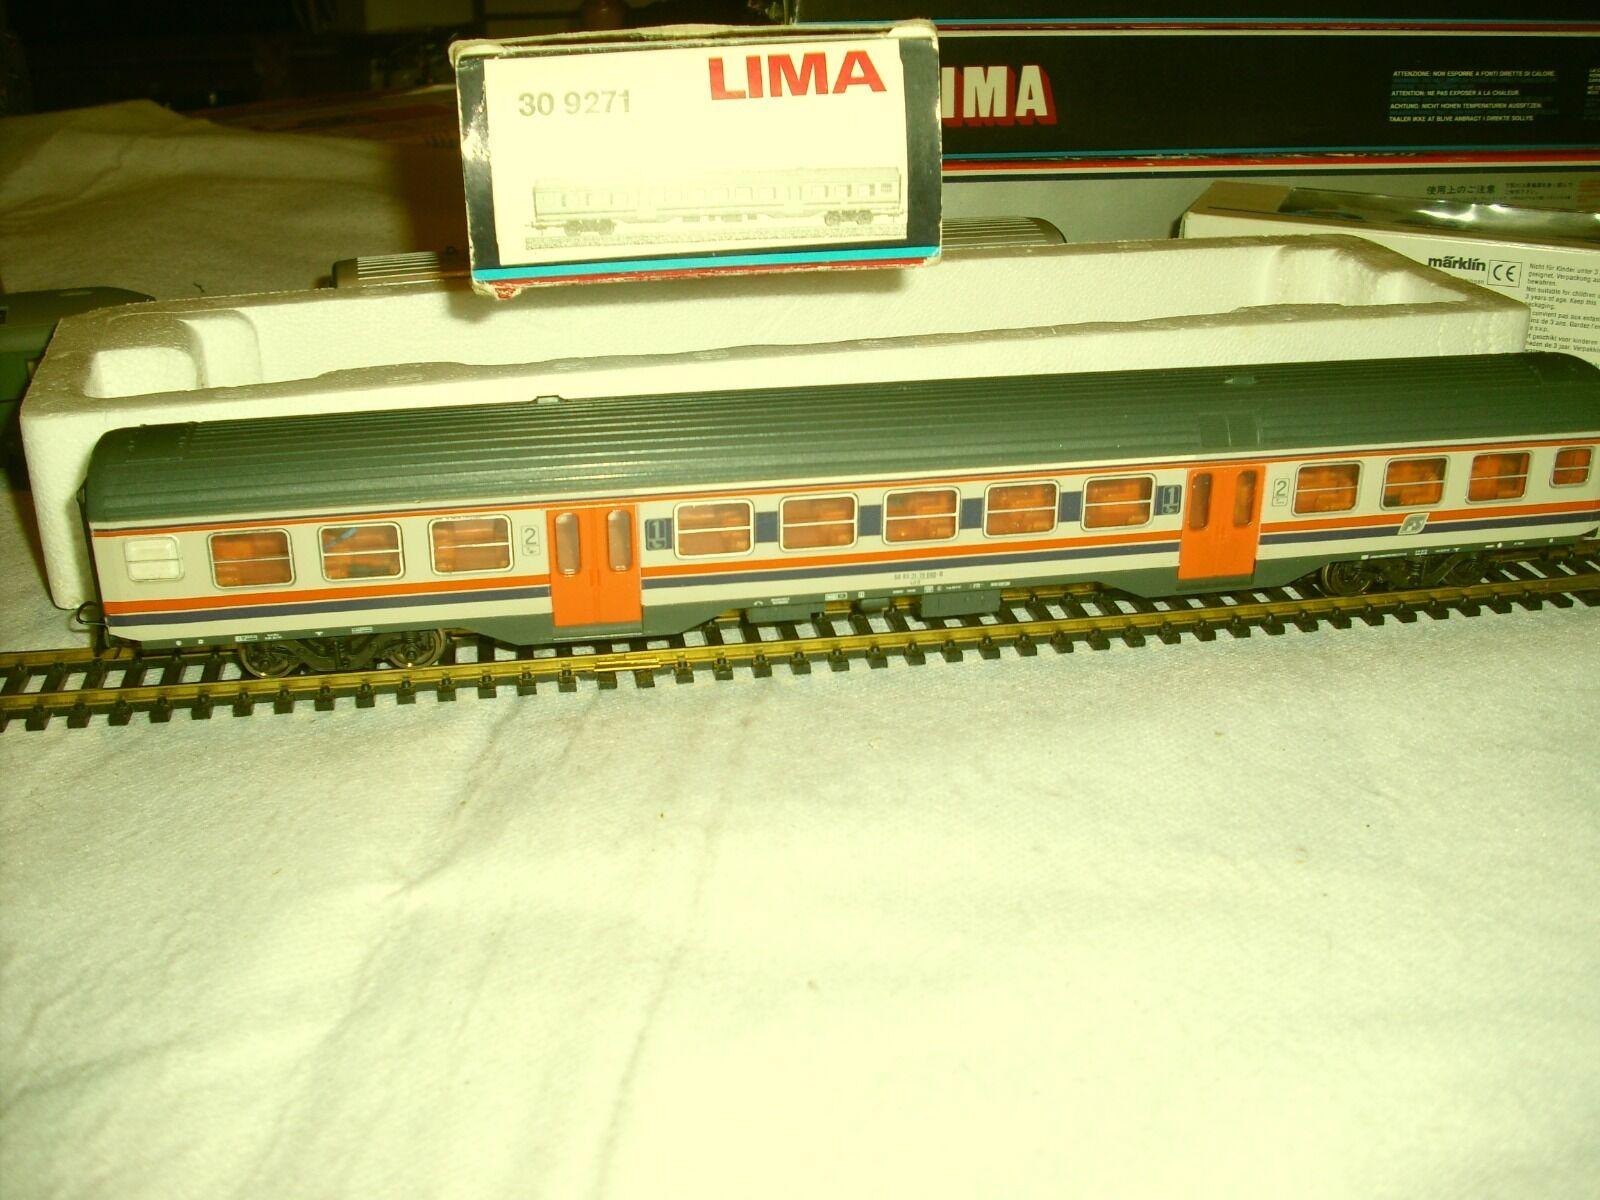 LIMA - 309271 MDVC MISTA 1/ma-2da CLASSE ILLUMINATA,TIMONI CORTI,RUOTE BRUNITE